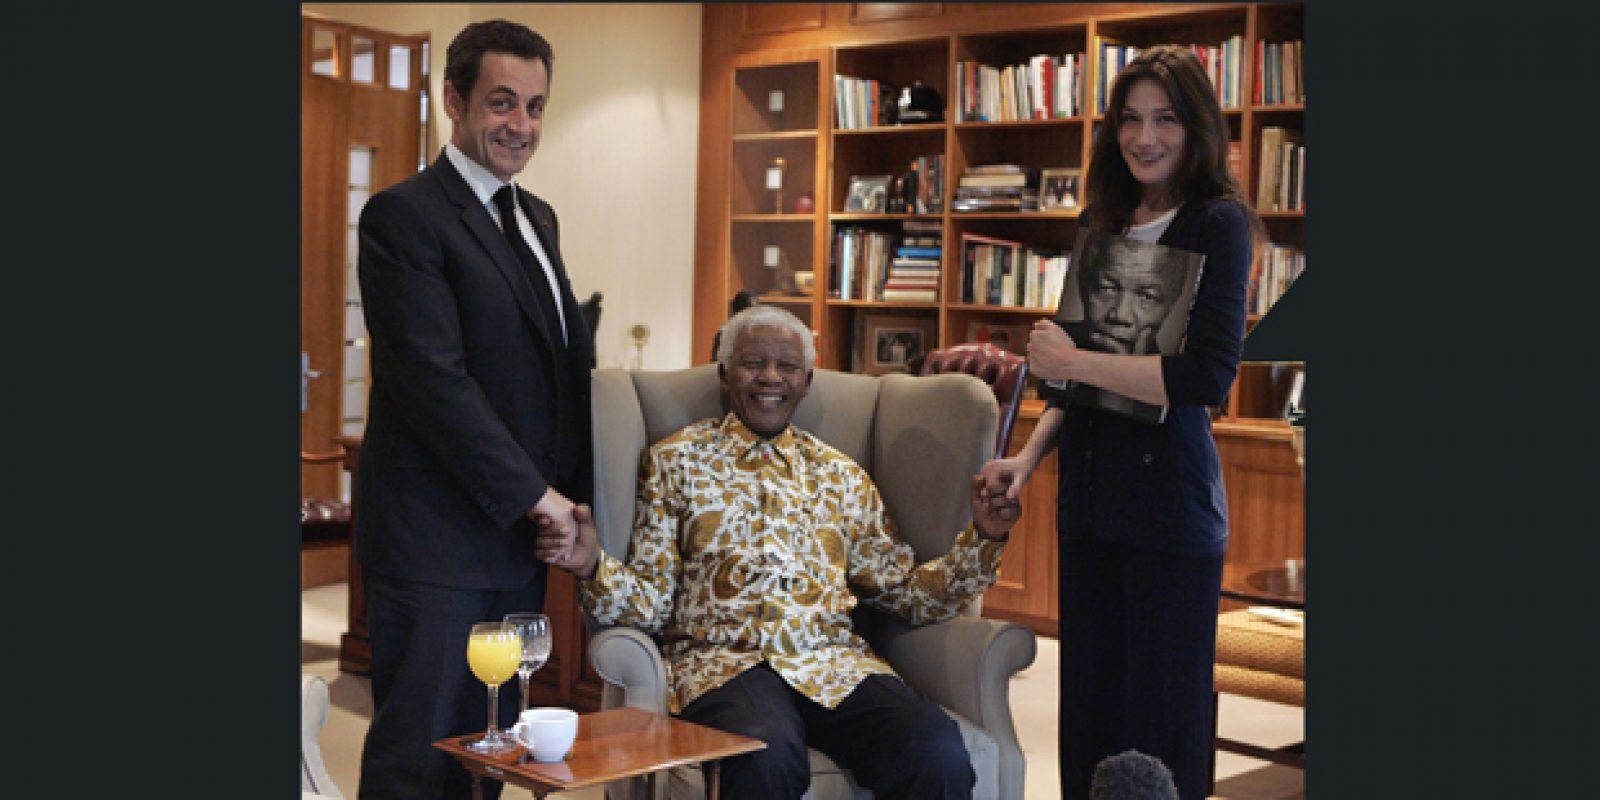 O ex-presidente Nicolas Sarkozy e a mulher dele Carla Bruni com o ex-presidente sul-africano Nelson Mandela em registro de 2008, em Joanesburgo | Remy de la Mauviniere/Reuters